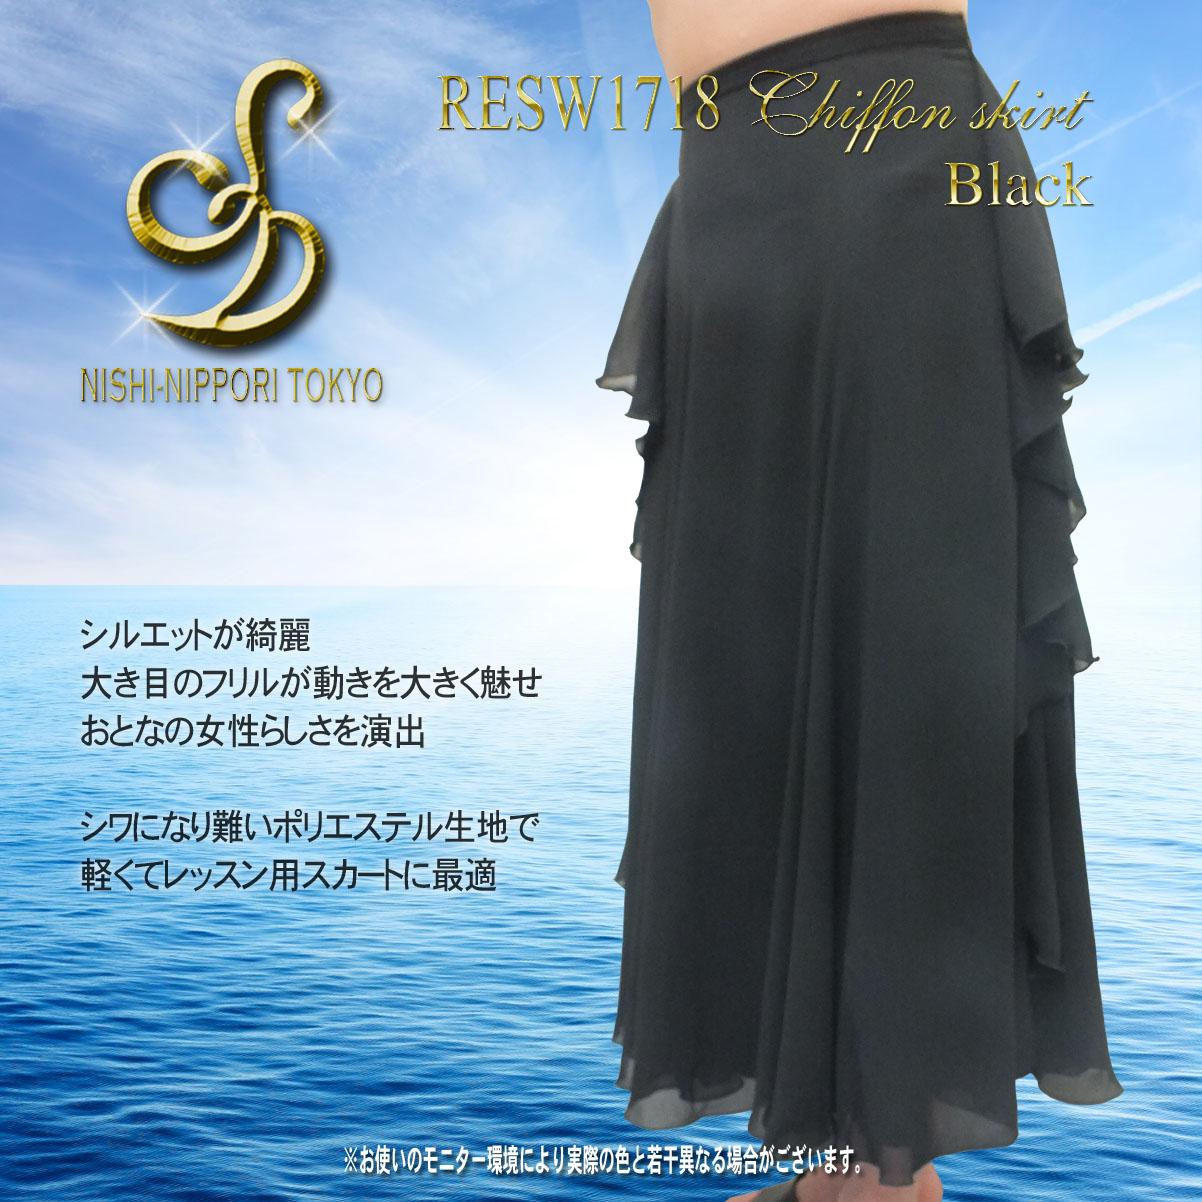 RESW1718 シフォンスカート001